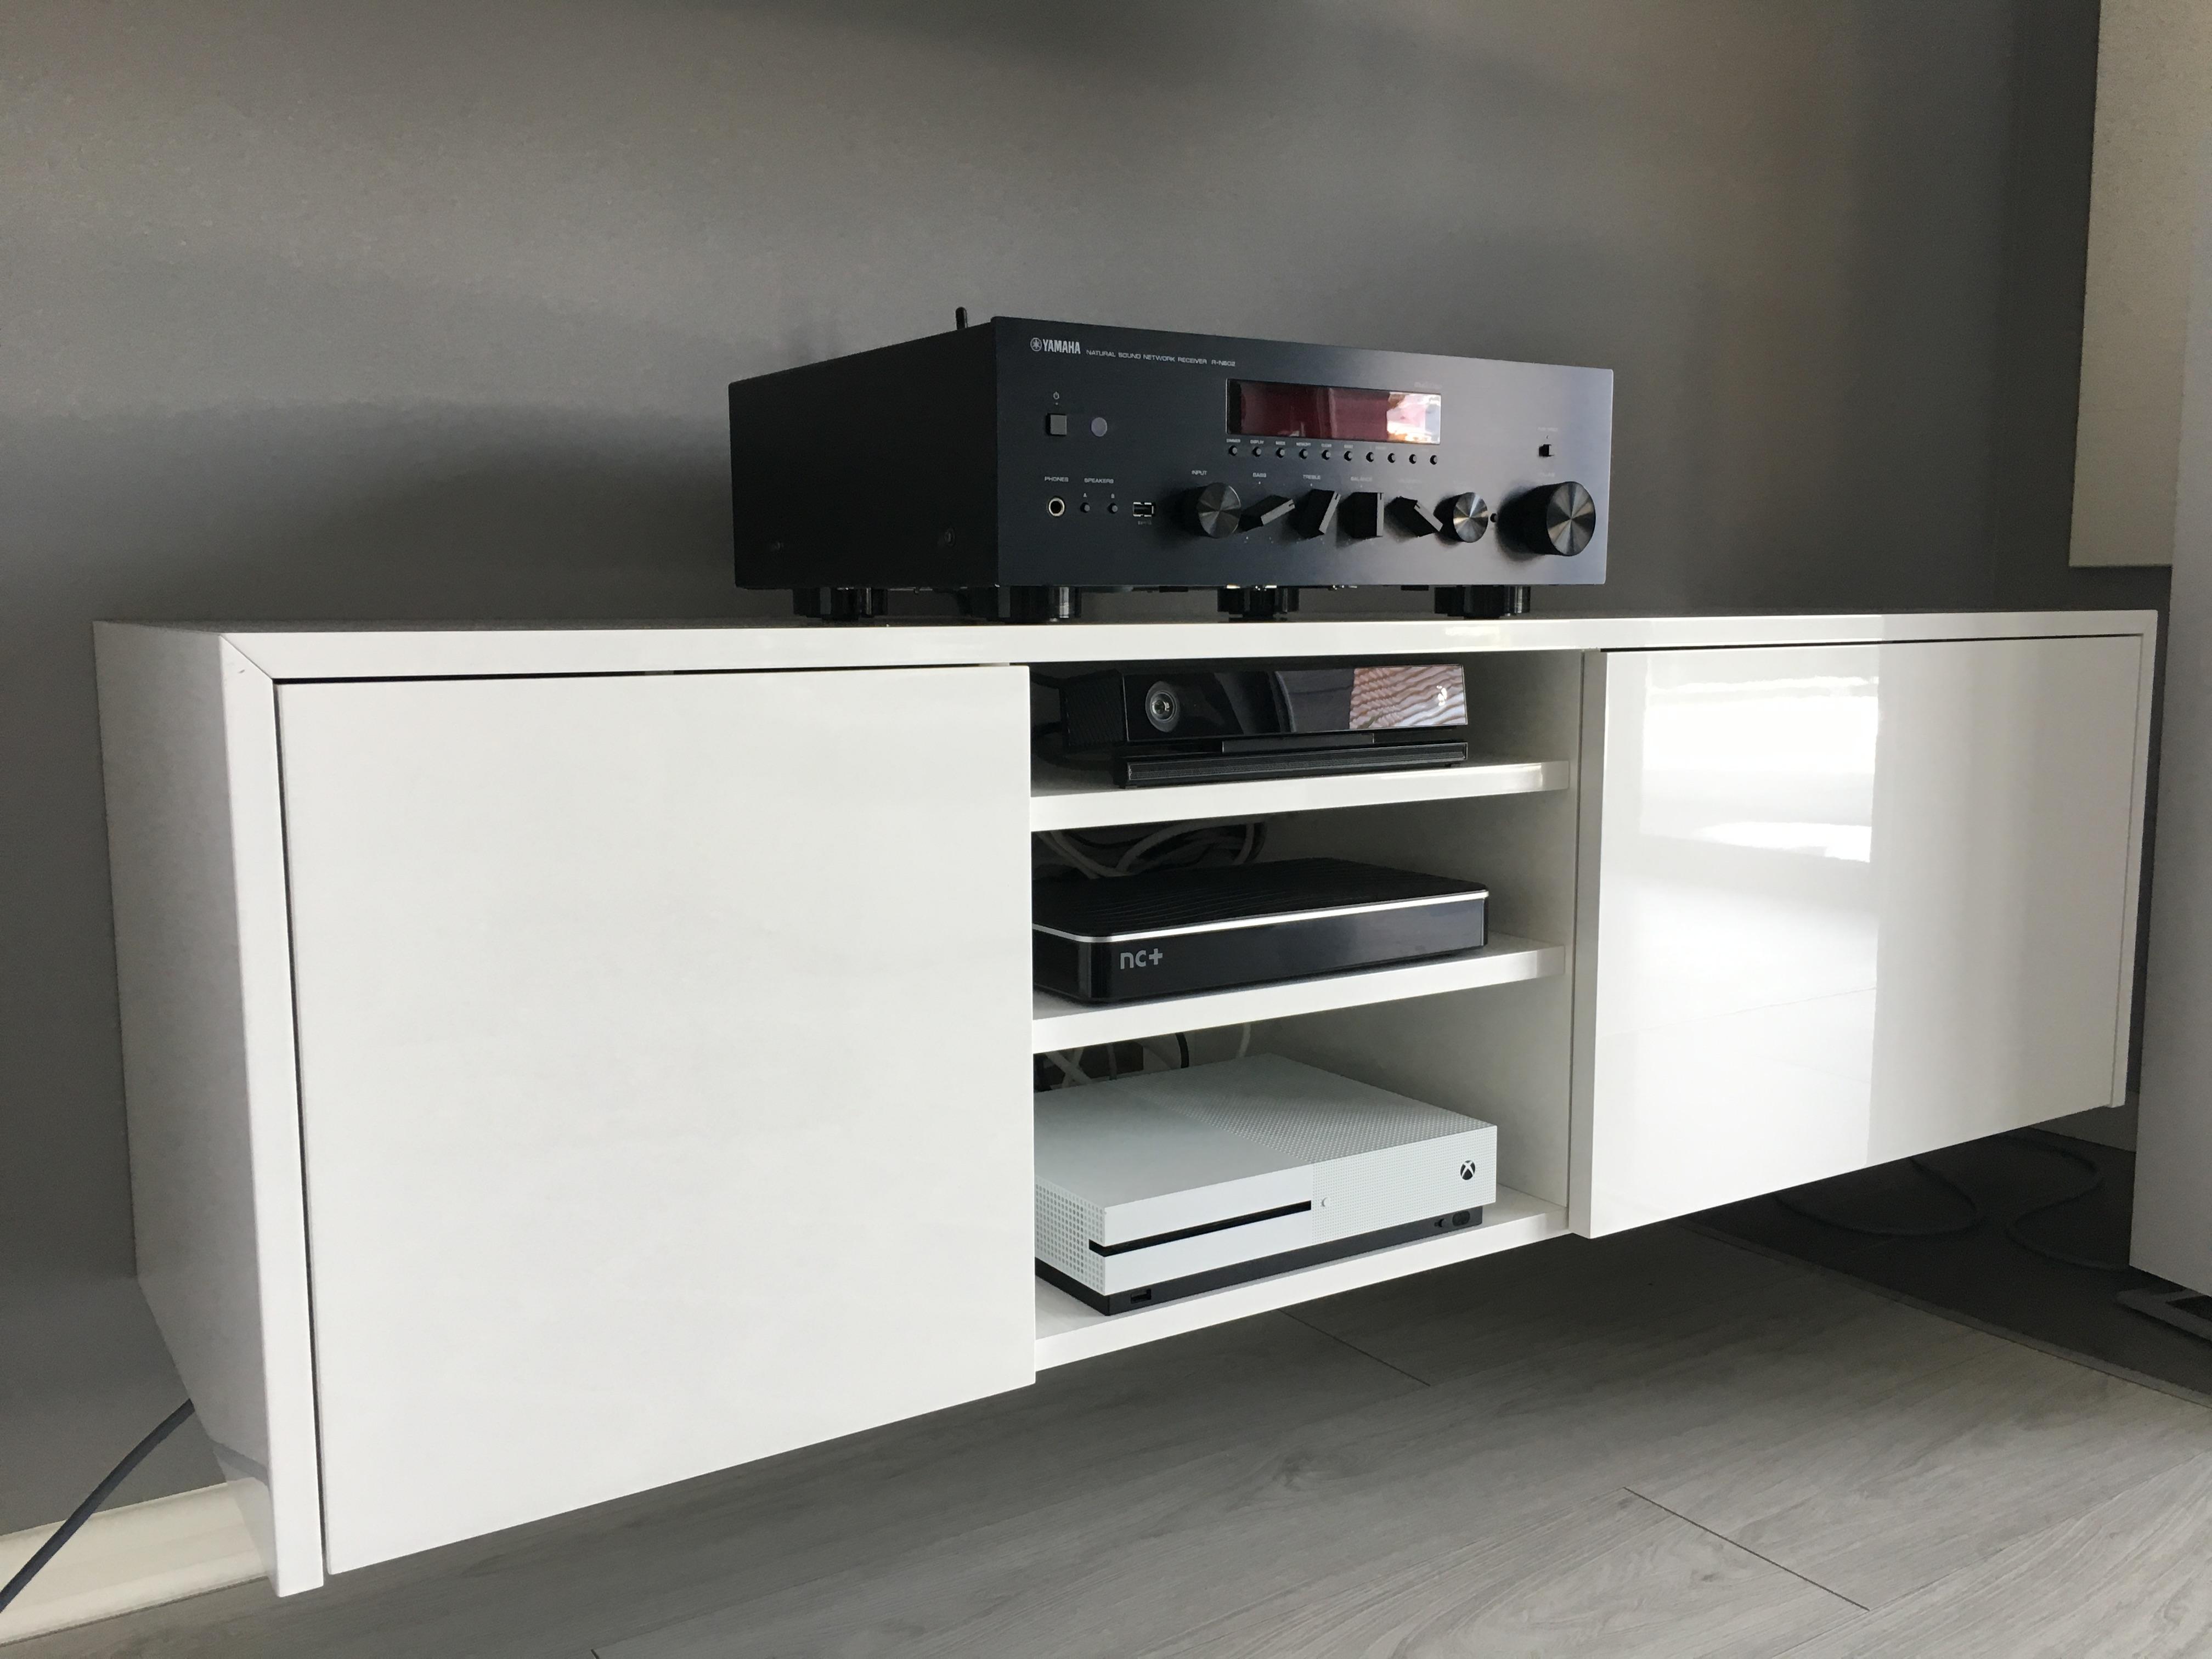 Pierwszy zestaw stereo do 5000zł - Stereo - Forum Audio com pl